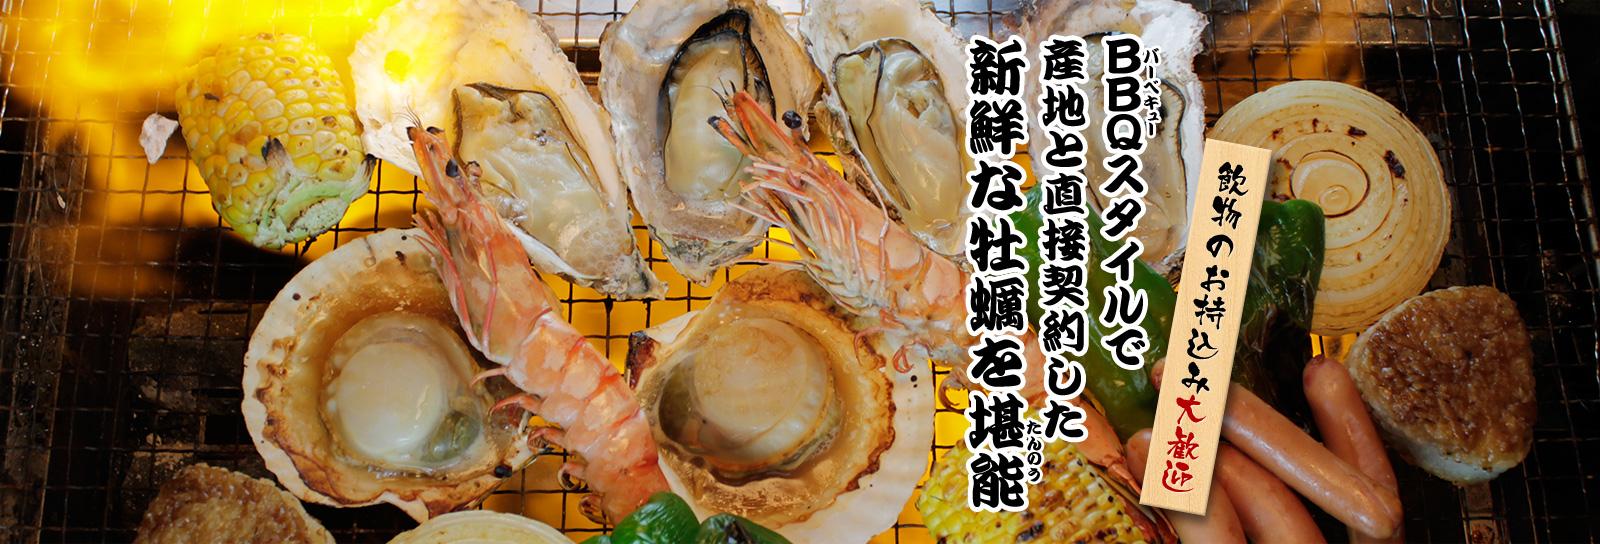 BBQスタイルで 産地直送の新鮮な牡蠣を堪能